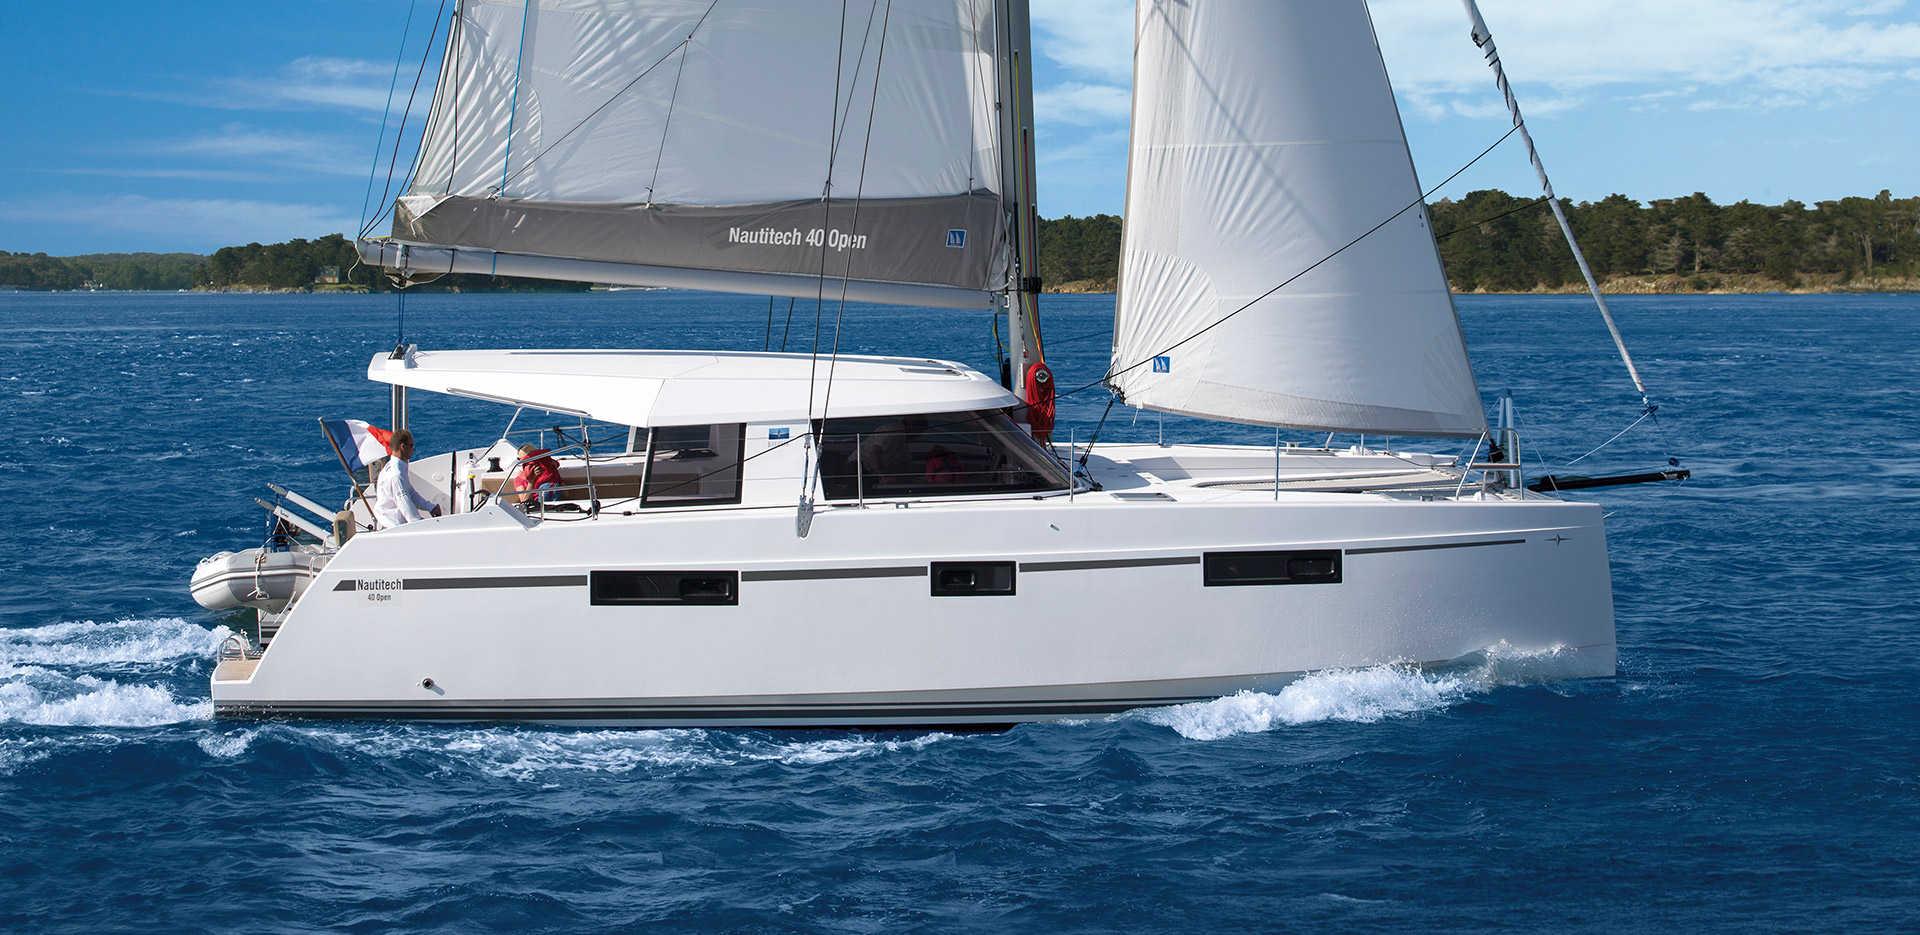 naututech-open-40-yacht-charter-croatia-sailing-holidays-croatia-booking-yacht-charter-croatia-catamarans-sailboats-motorboats-gulets-luxury-yachts-boat-rental-1